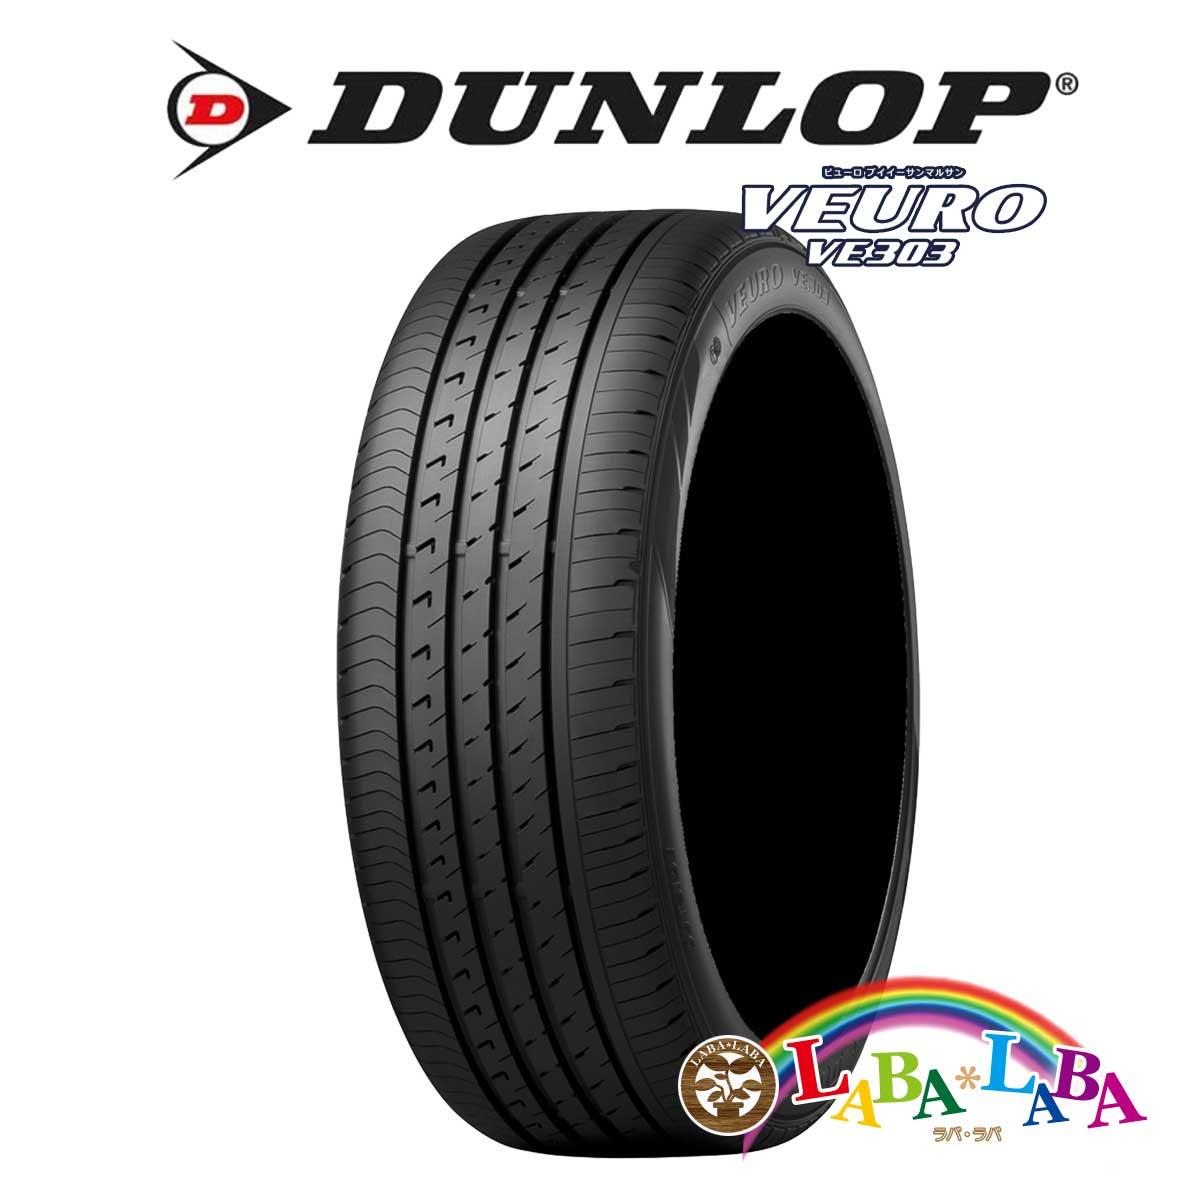 DUNLOP ダンロップ VEURO ビューロ VE303 255/35R18 94W サマータイヤ 4本セット